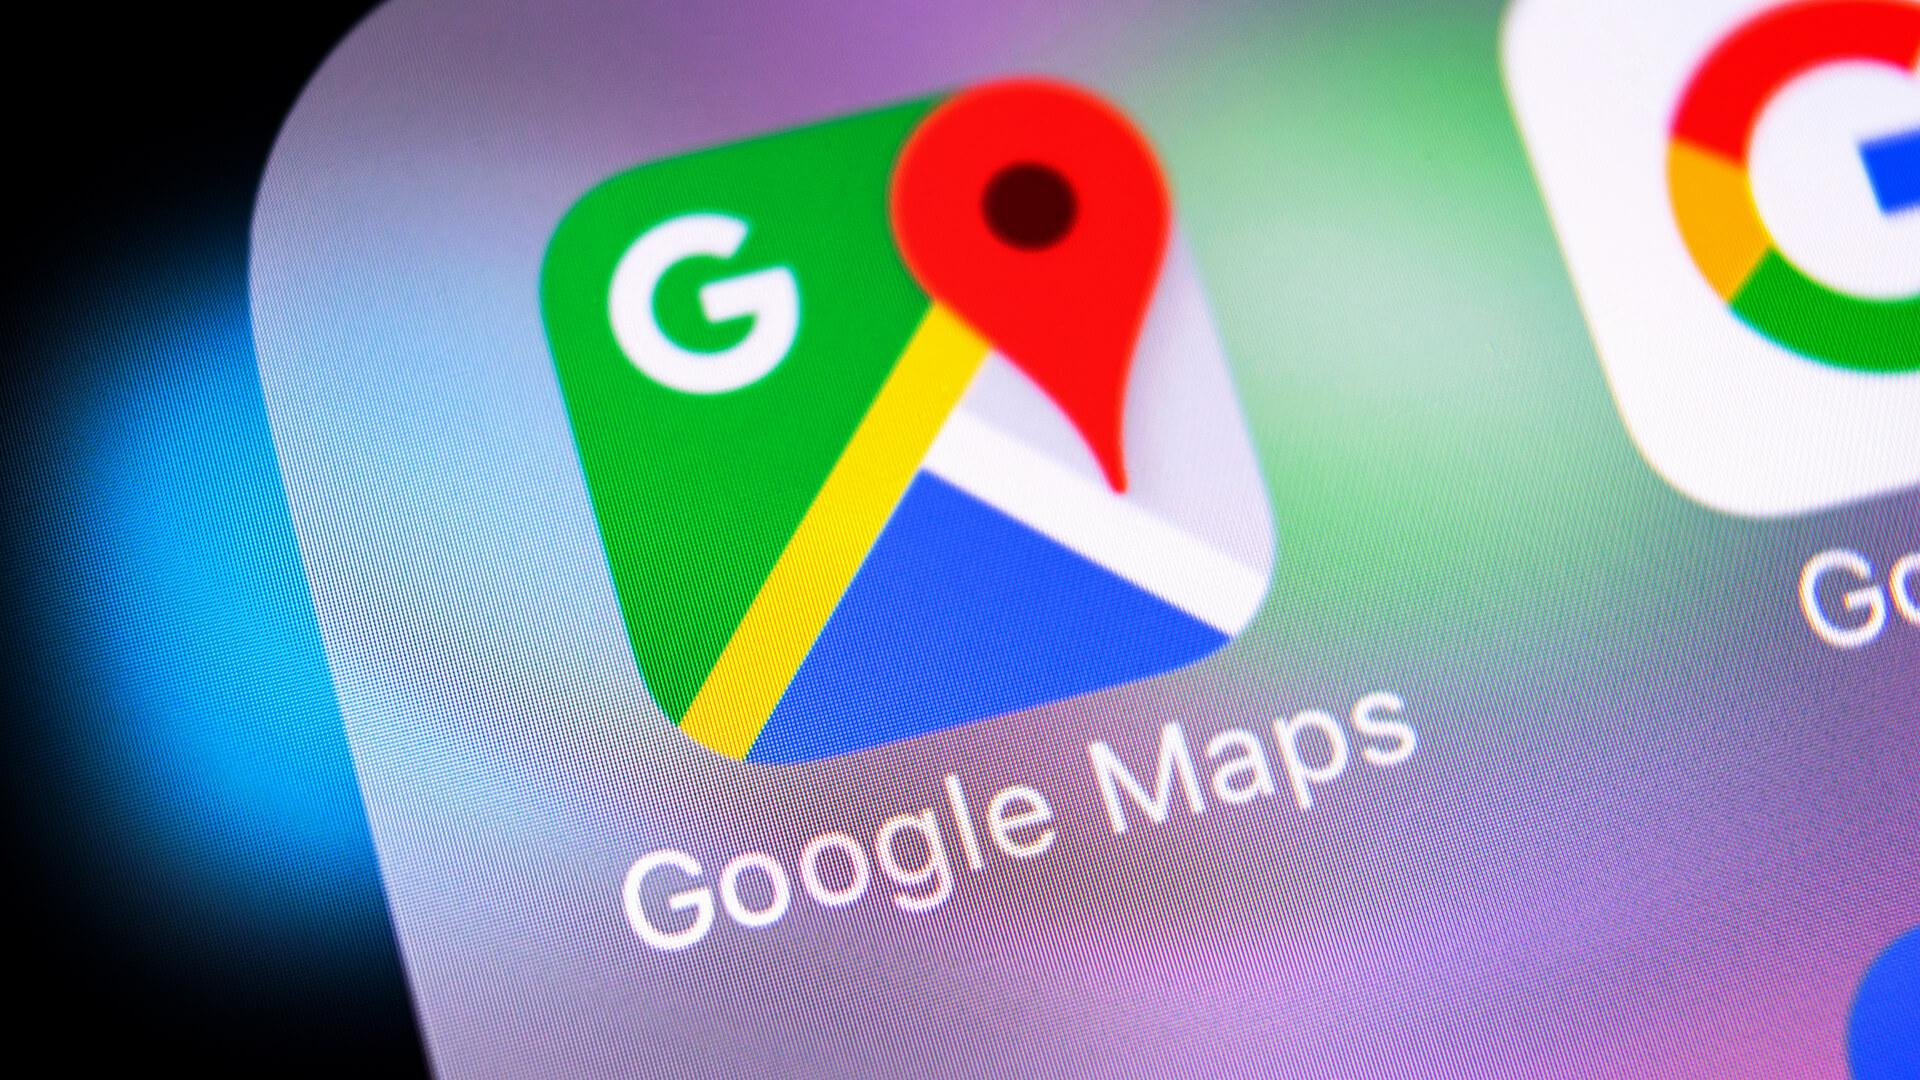 GoogleGoogle ارتقای گسترده برای کاربران Google Maps را تایید کرد-اپل- ارتقای گسترده برای کاربران Google Maps را تایید کرد